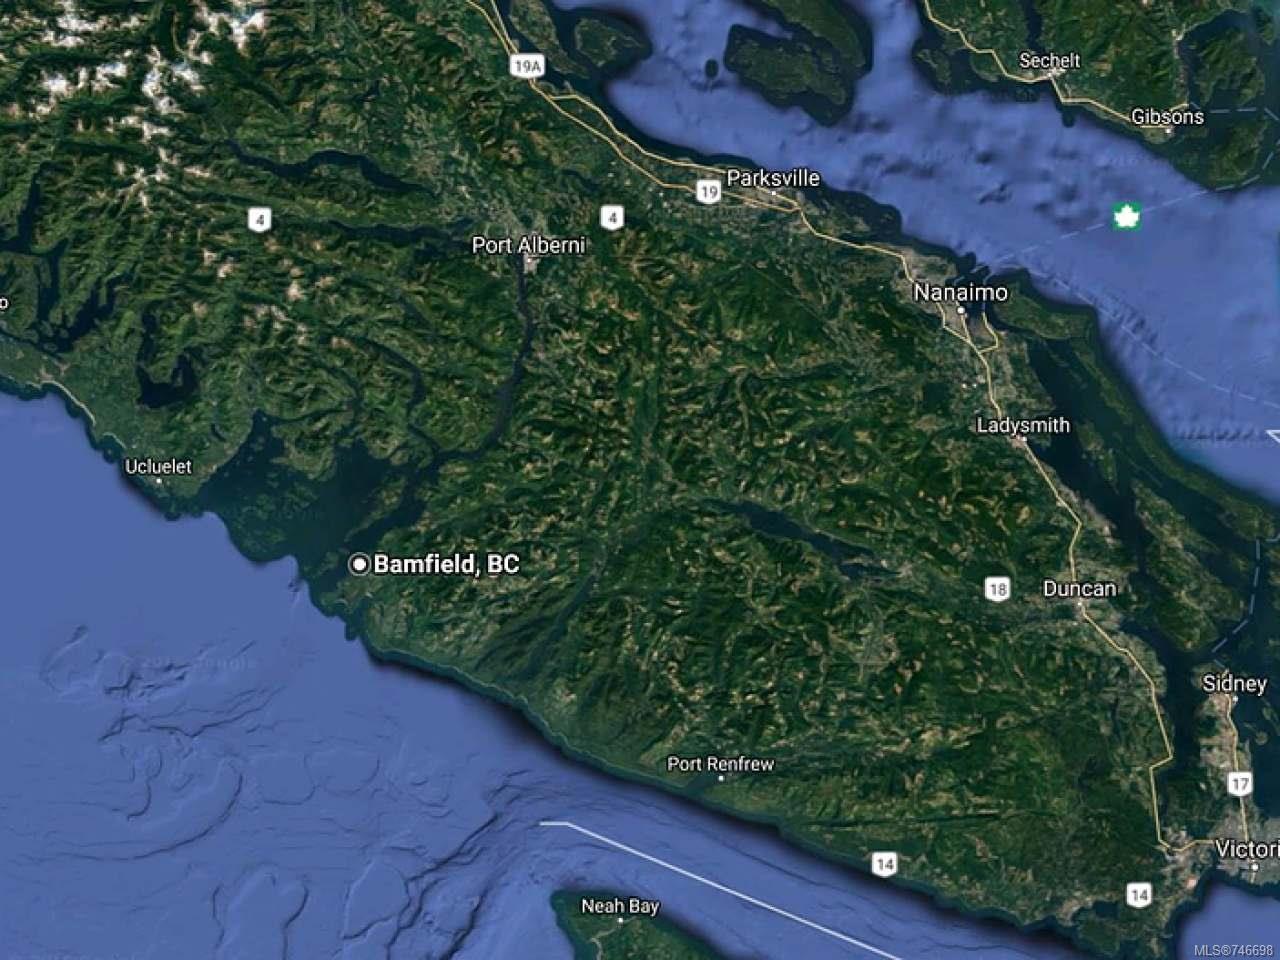 Main Photo: LT 15 S Bamfield Rd in BAMFIELD: PA Bamfield Land for sale (Port Alberni)  : MLS®# 746698